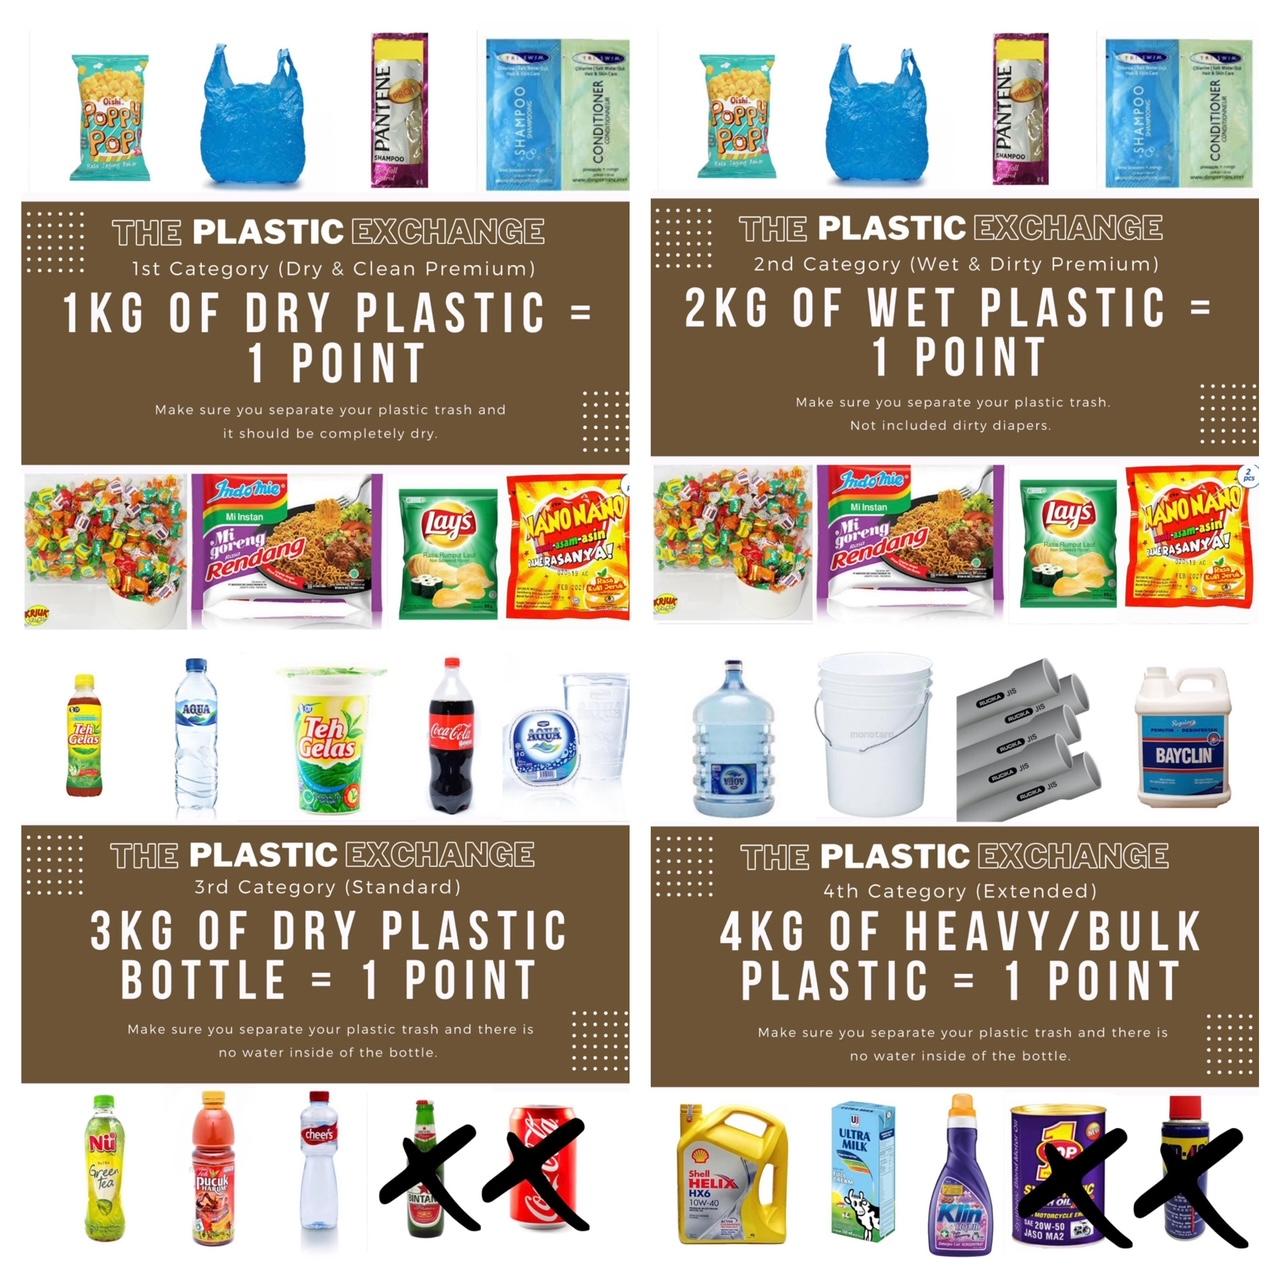 Plakat von The Plastic Exchange auf Bali